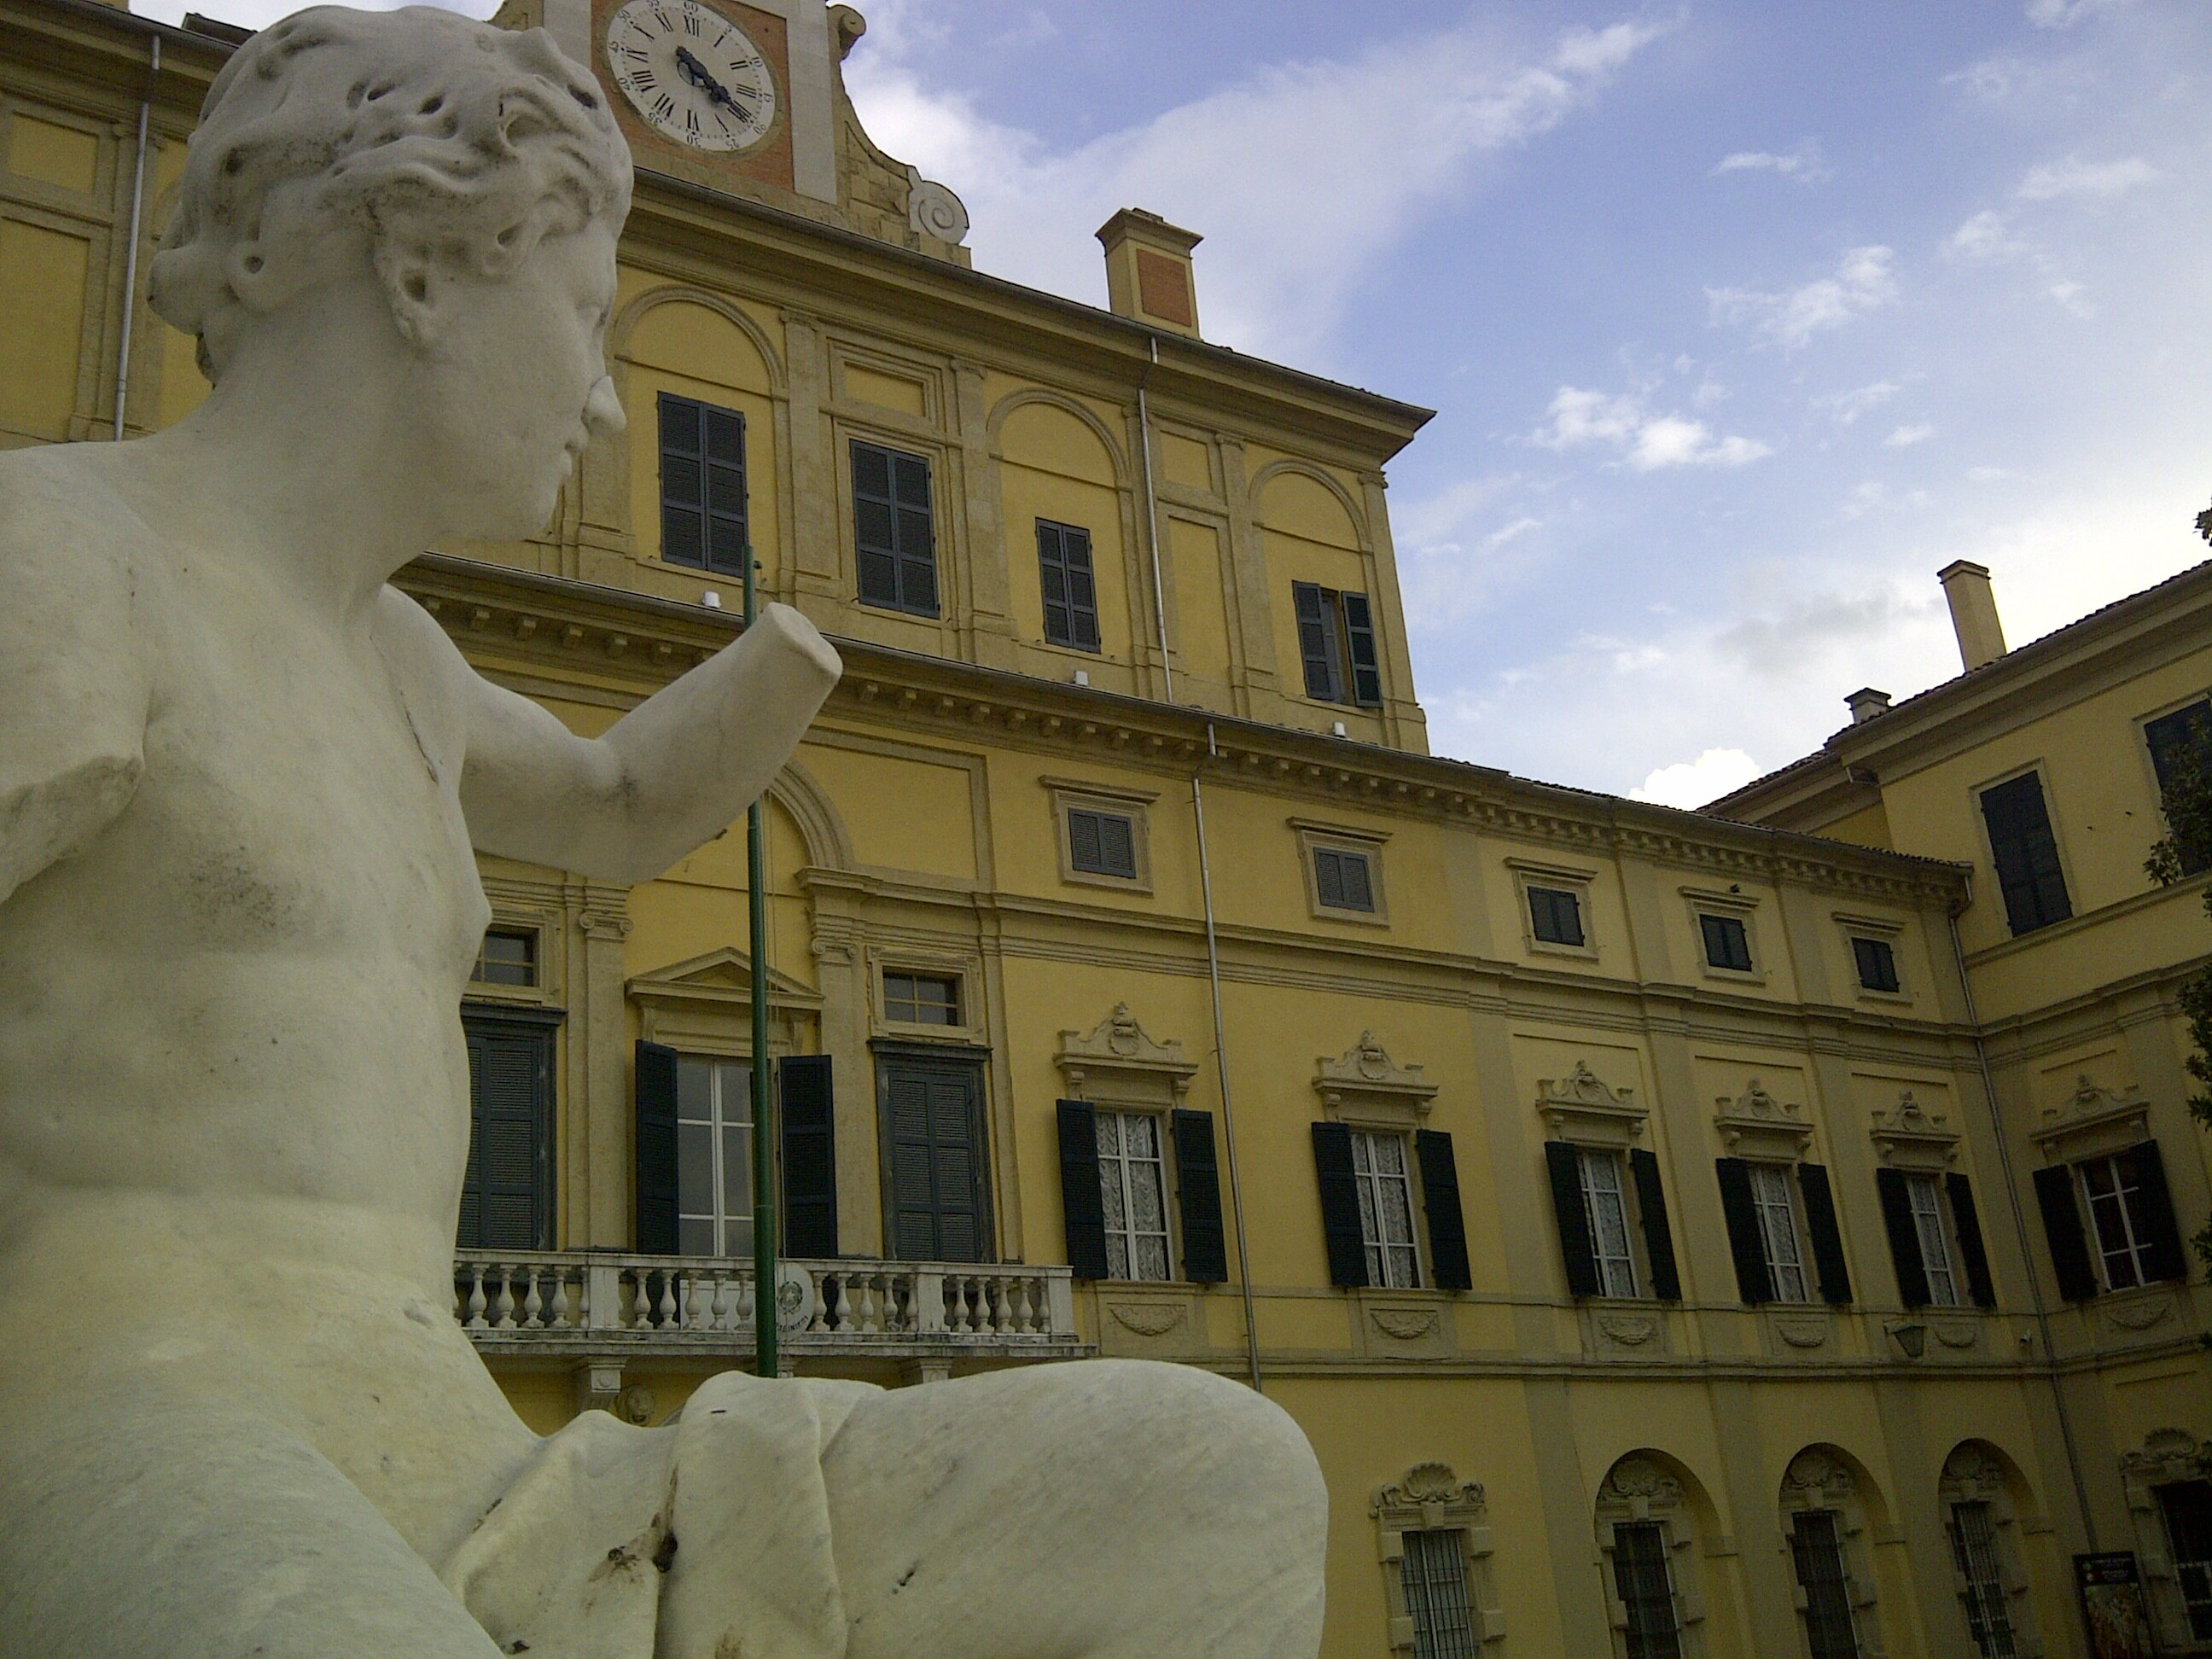 Visita guidata,  passeggiata dedicata ai due Parchi storici della città: il Parco Ducale e la Cittadella.